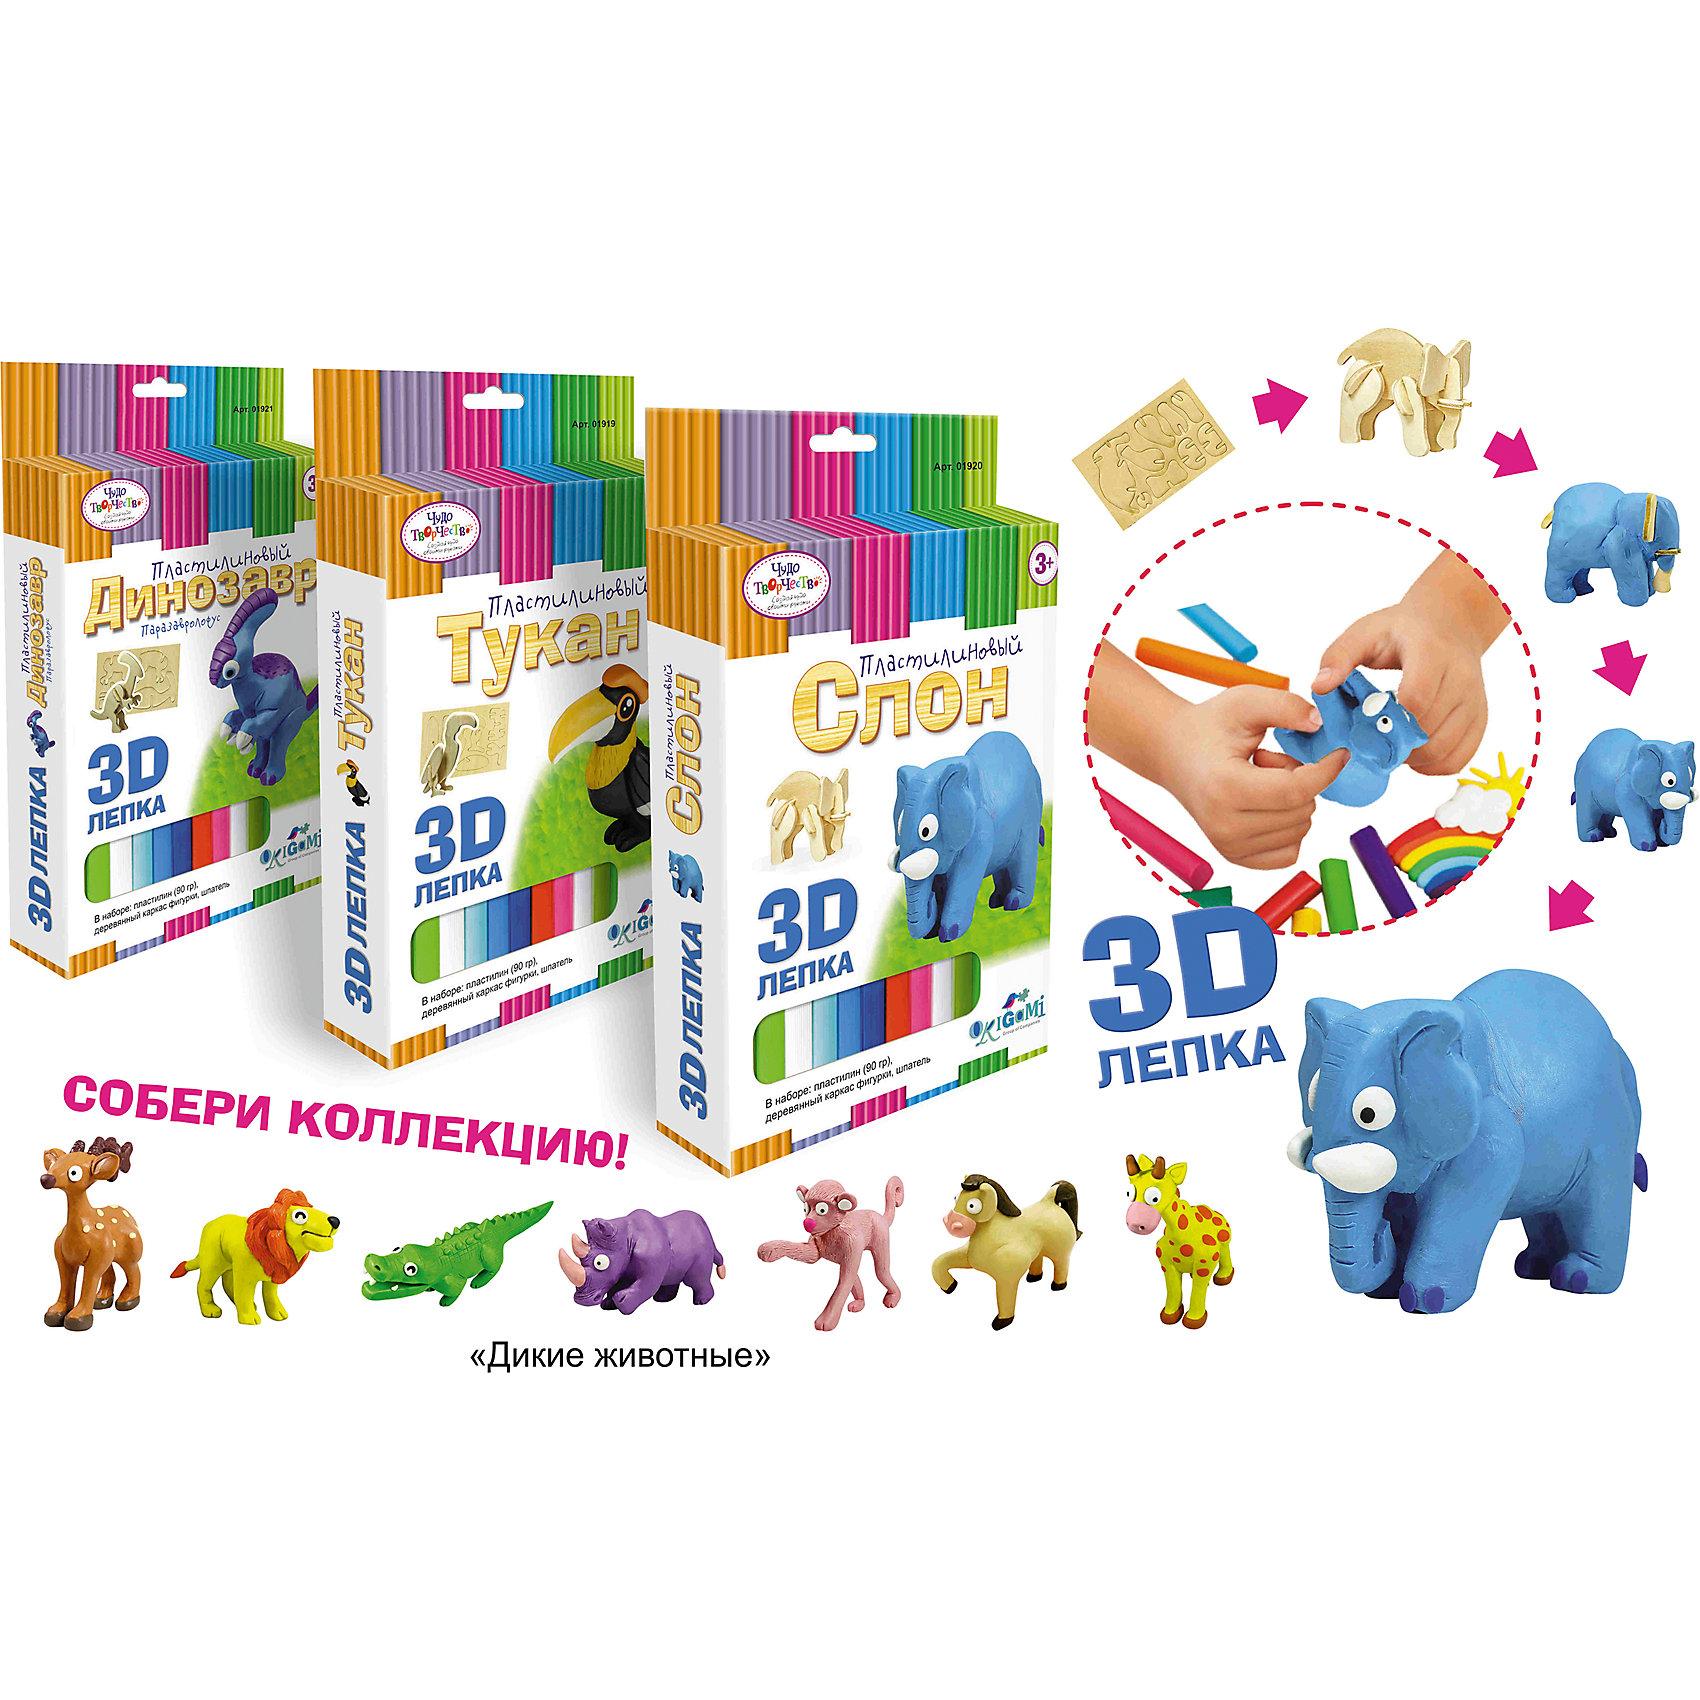 Чудо-Творчество Набор для лепки Дикие животные, в ассортименте набор для лепки фантазер глина голубая 217011